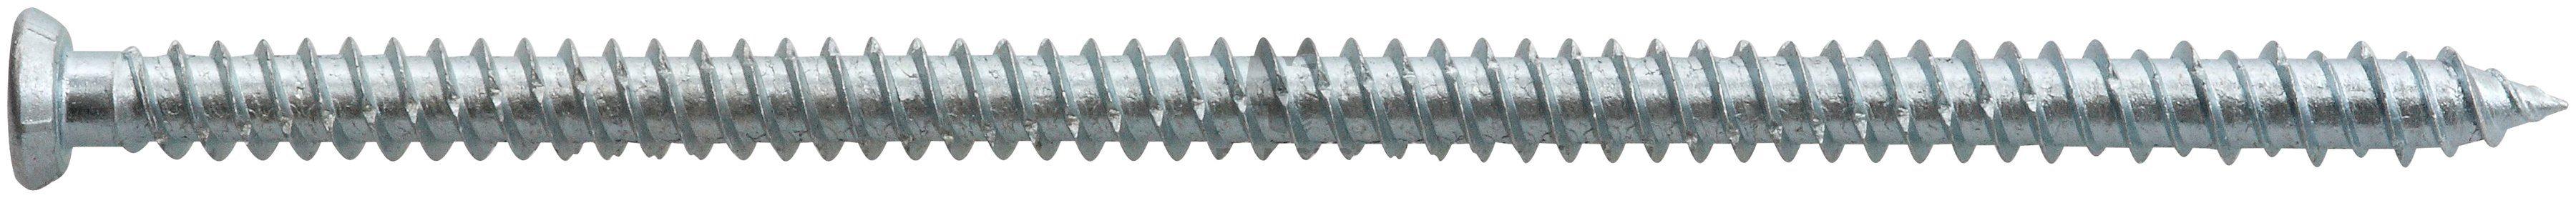 RAMSES Schrauben , Fensterrahmenschraube 7,5 x 132 mm 50 Stk.